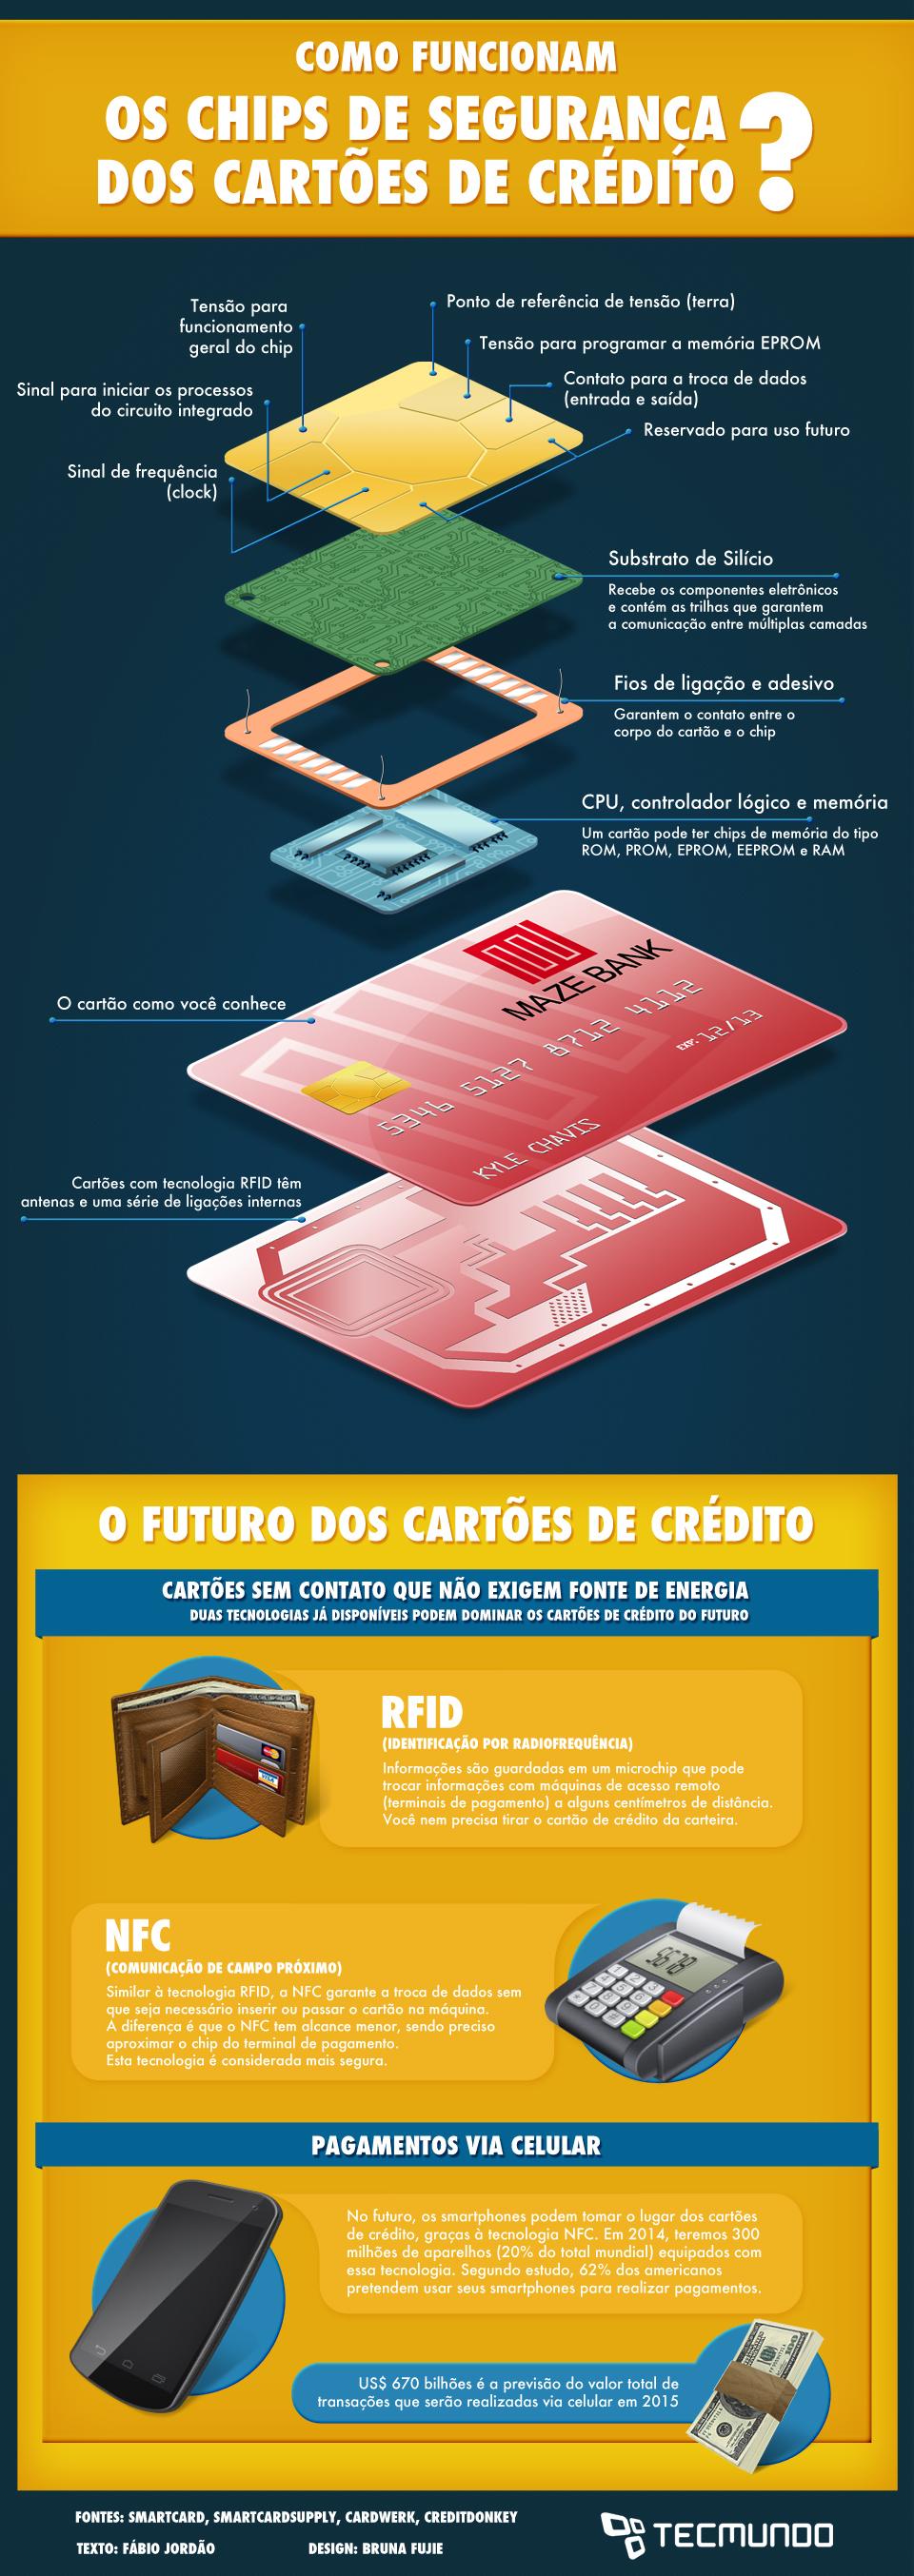 Infográfico - Como funcionam os chips de segurança dos cartões de crédito? [infográfico]